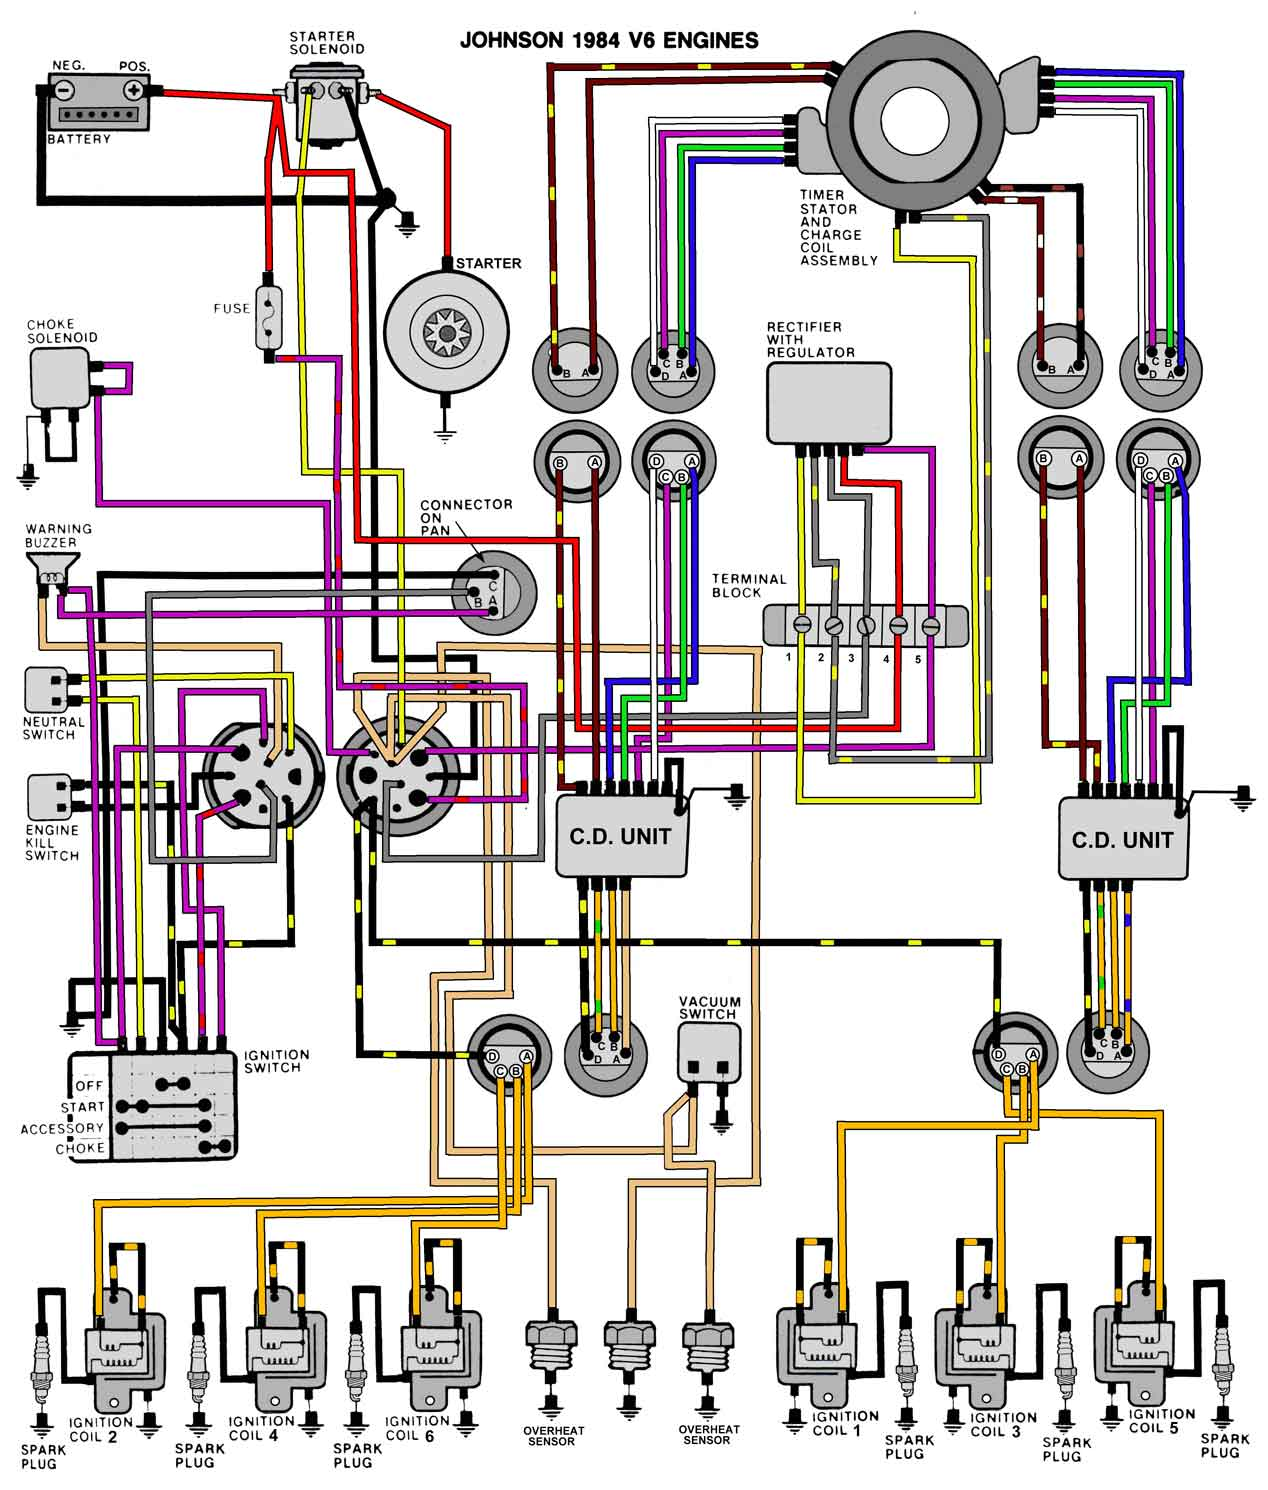 Johnson Boat Motor Diagram Online Caferacersjpg Com 1991 Evinrude 40 HP Wiring  Diagram Evinrude Wiring Diagrams Online